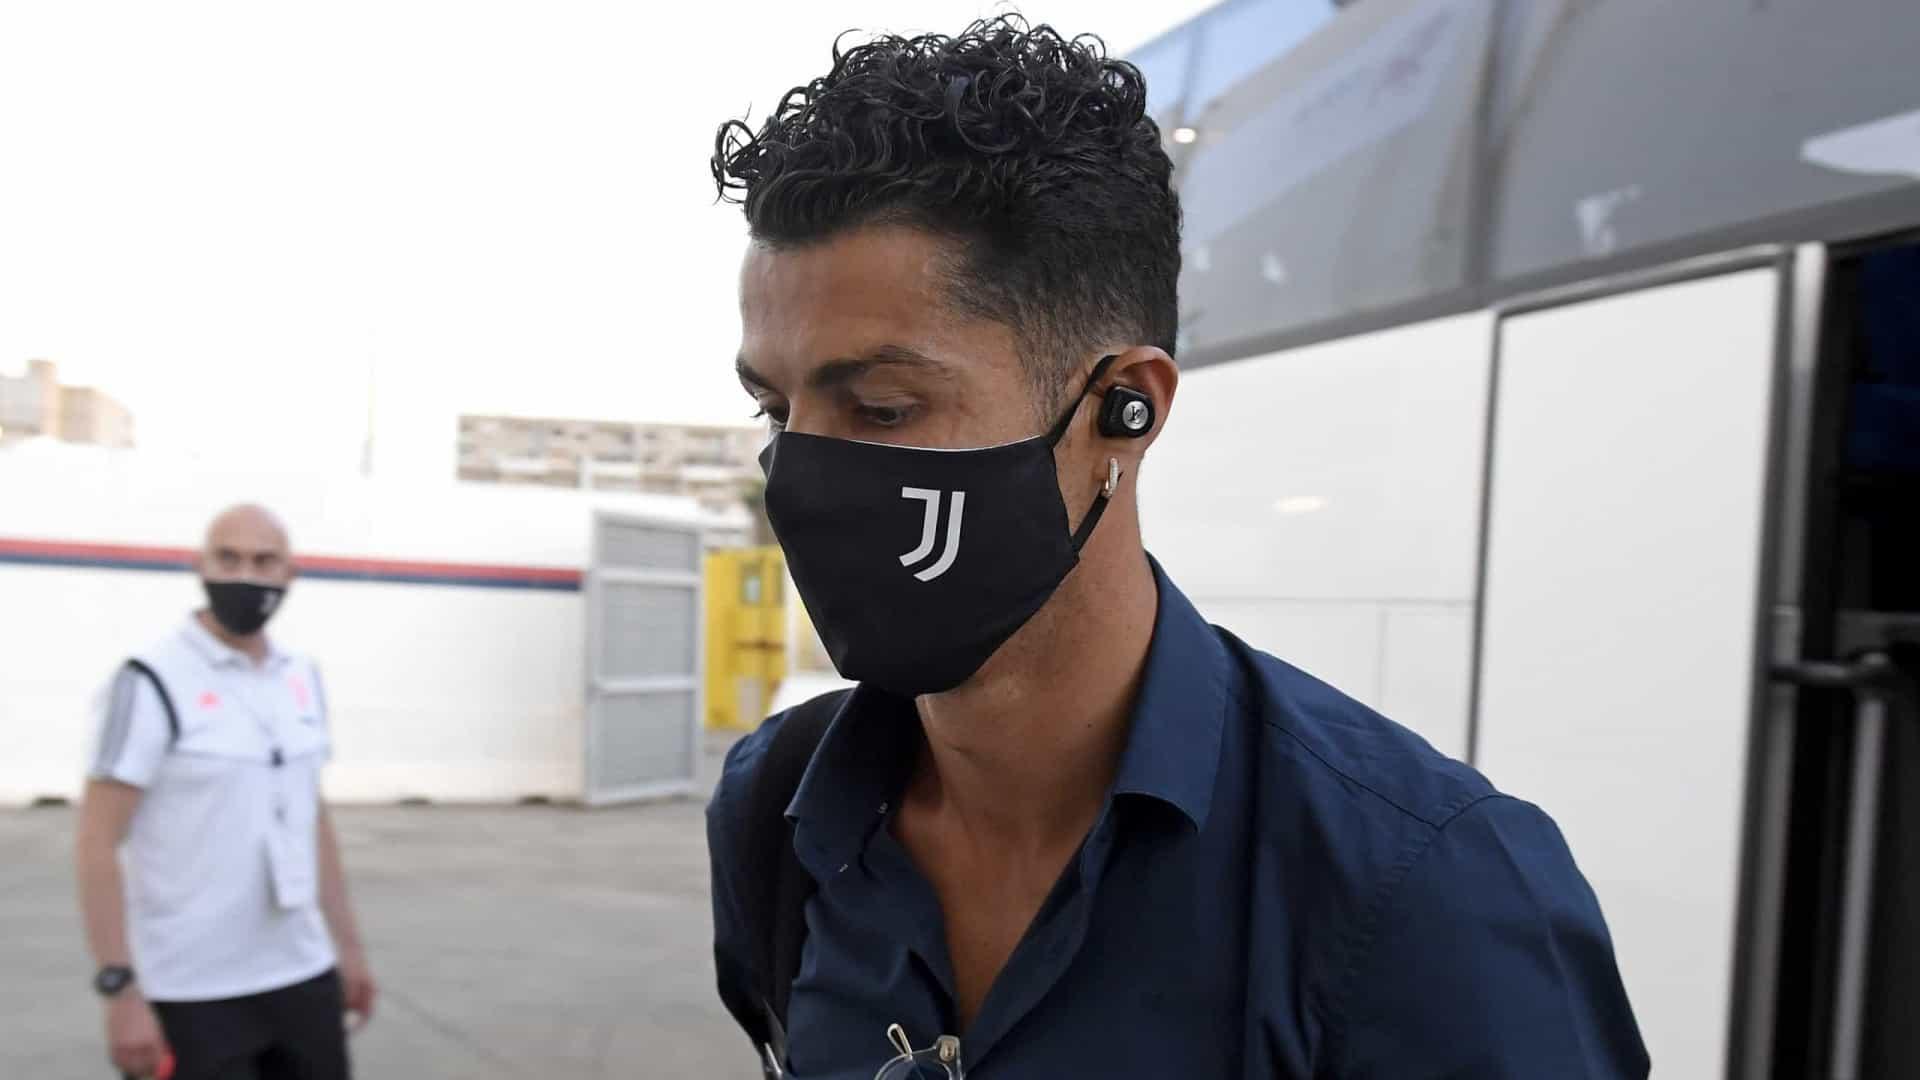 """naom 5f3ebf6dcf832 - """"REVIRAVOLTA"""": Cristiano Ronaldo enfrenta novo processo de abuso sexual"""